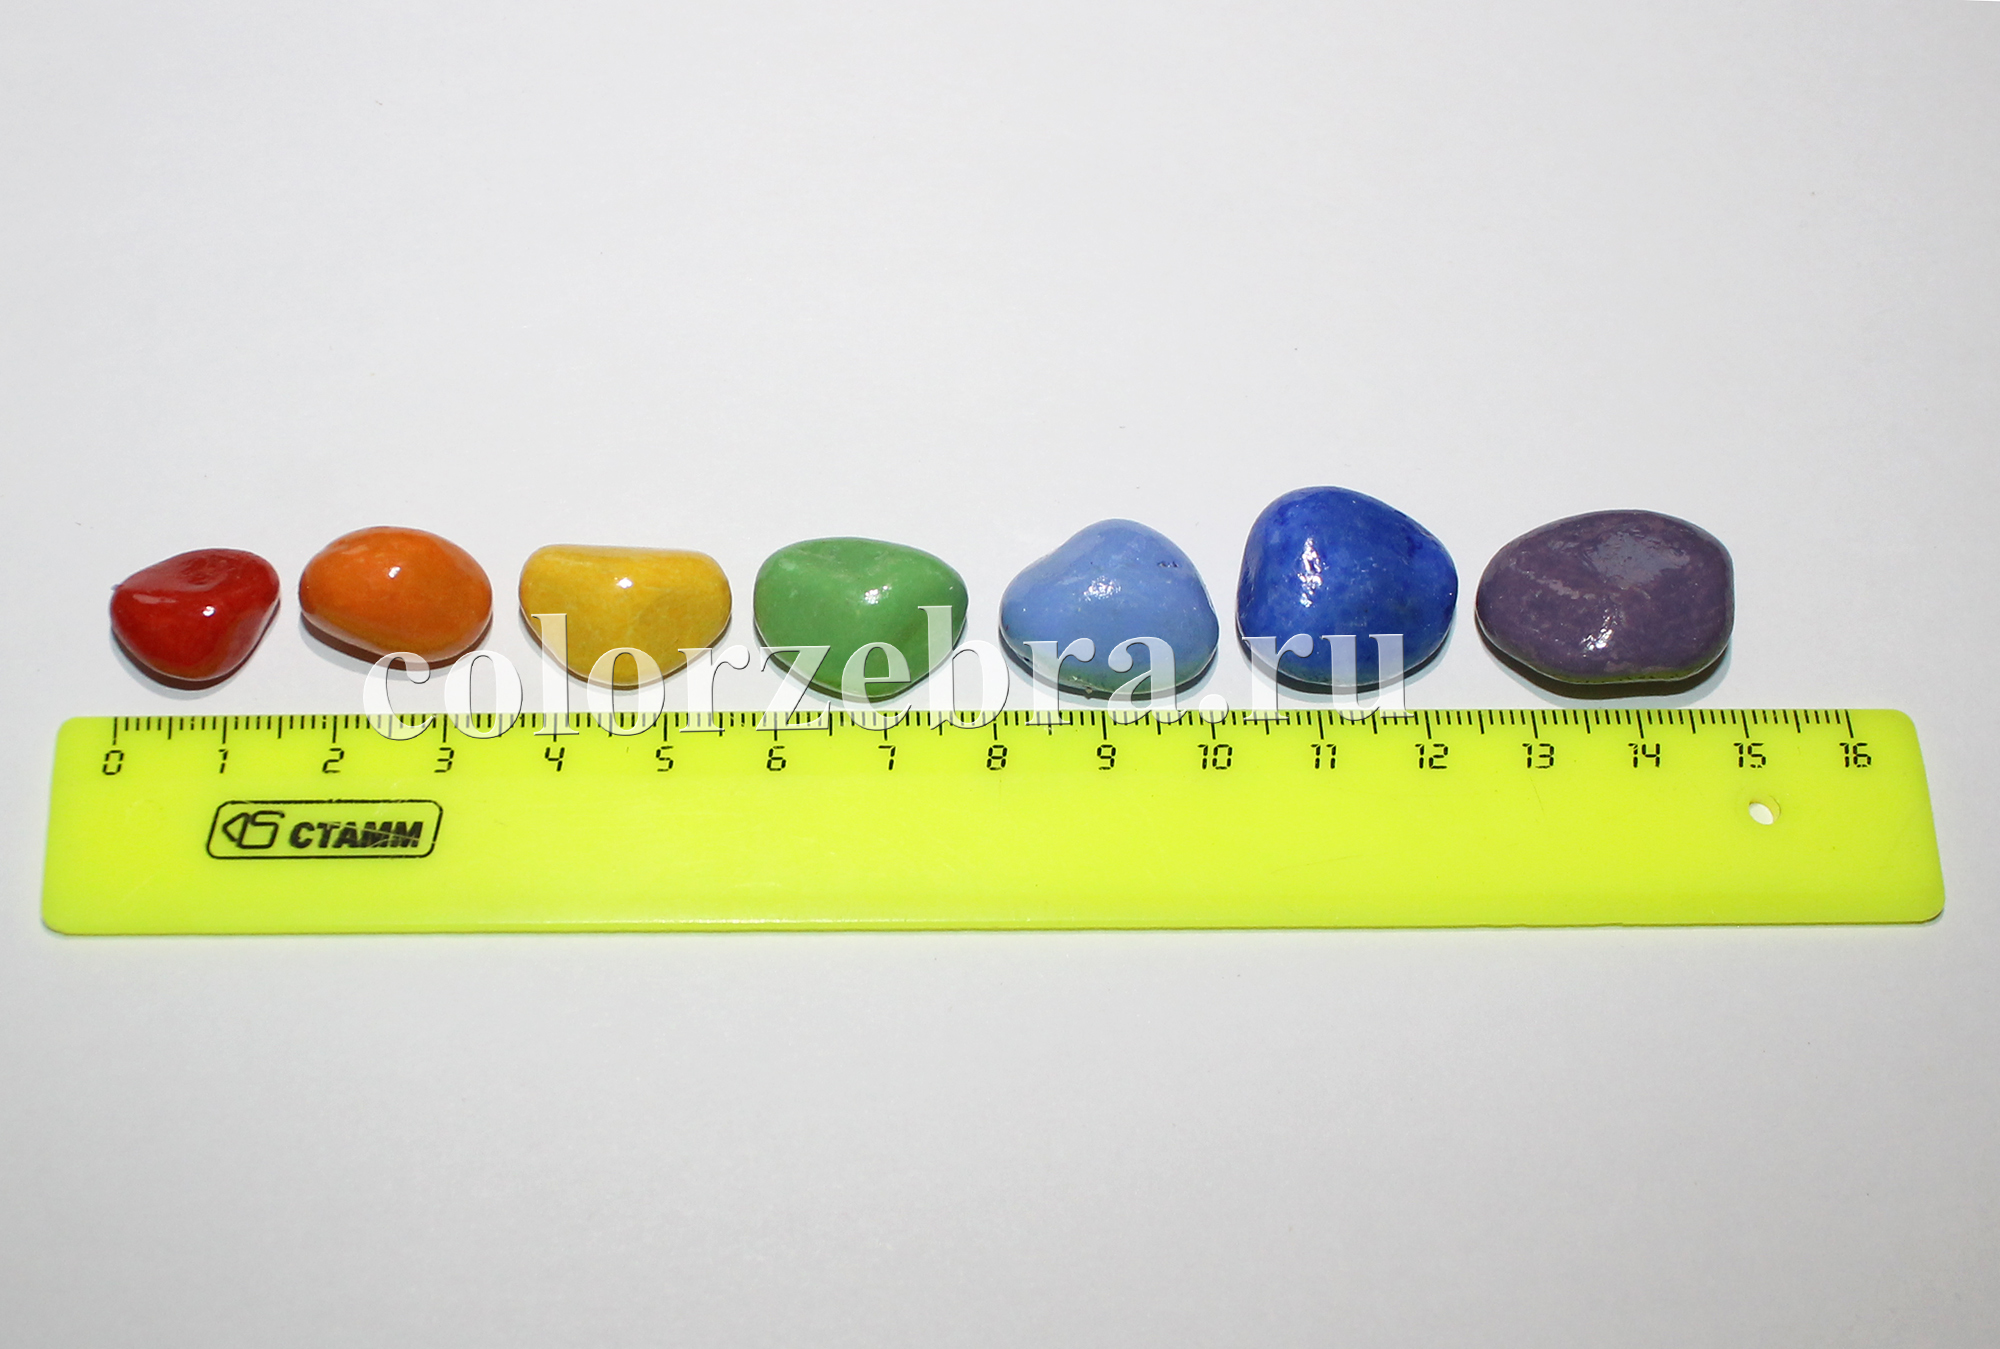 Декоративная цветная галька, камни цветные для детей, поделок и творчества. Купить